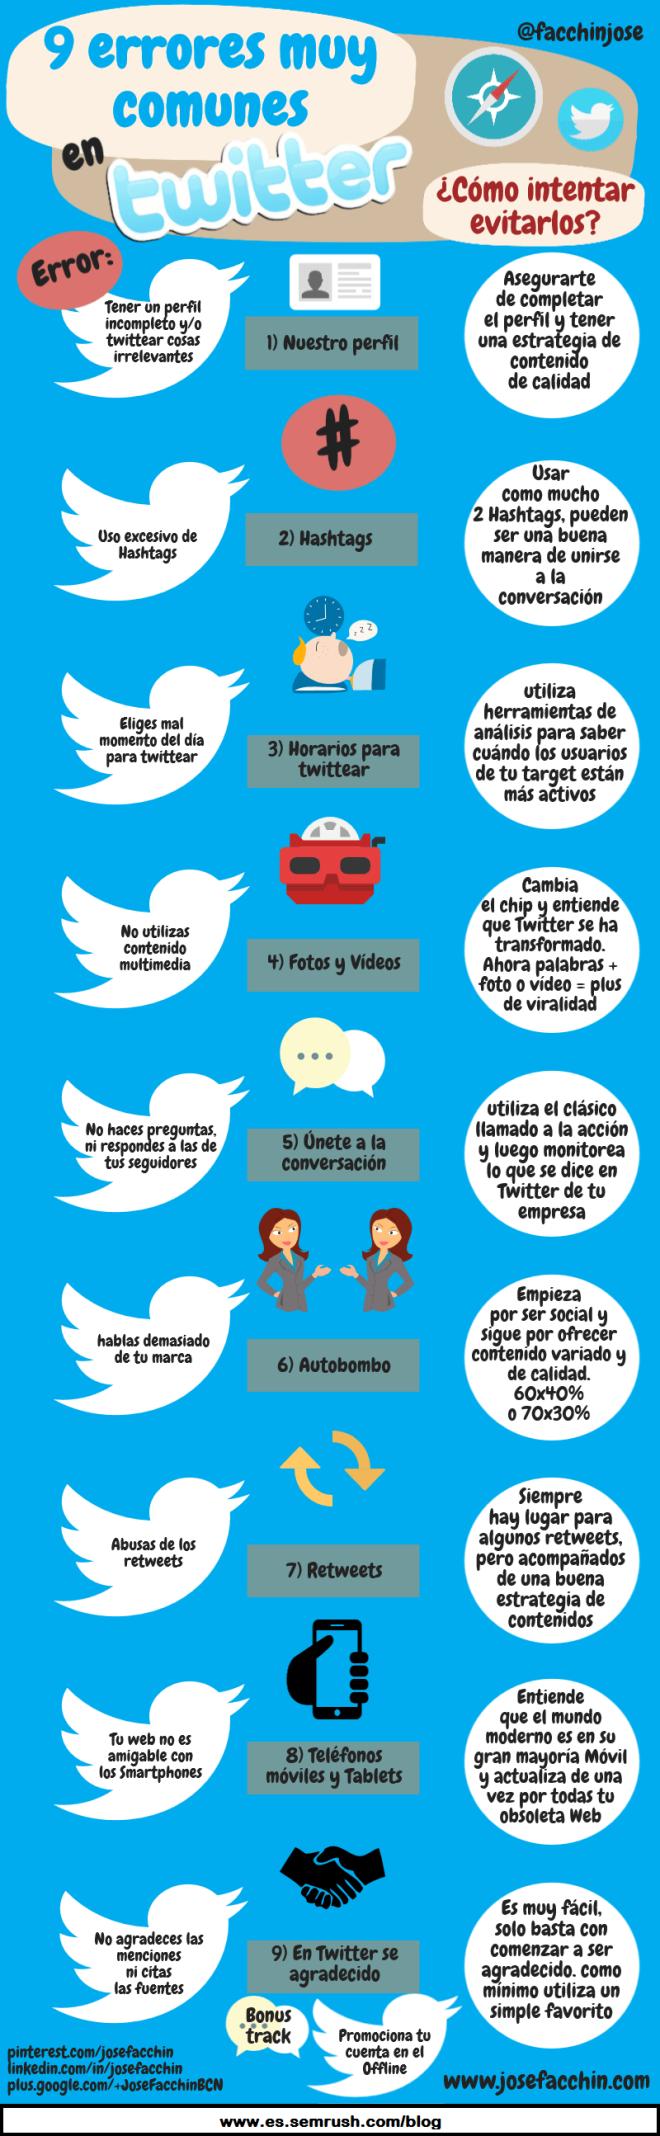 9 errores en Twitter y cómo evitarlos